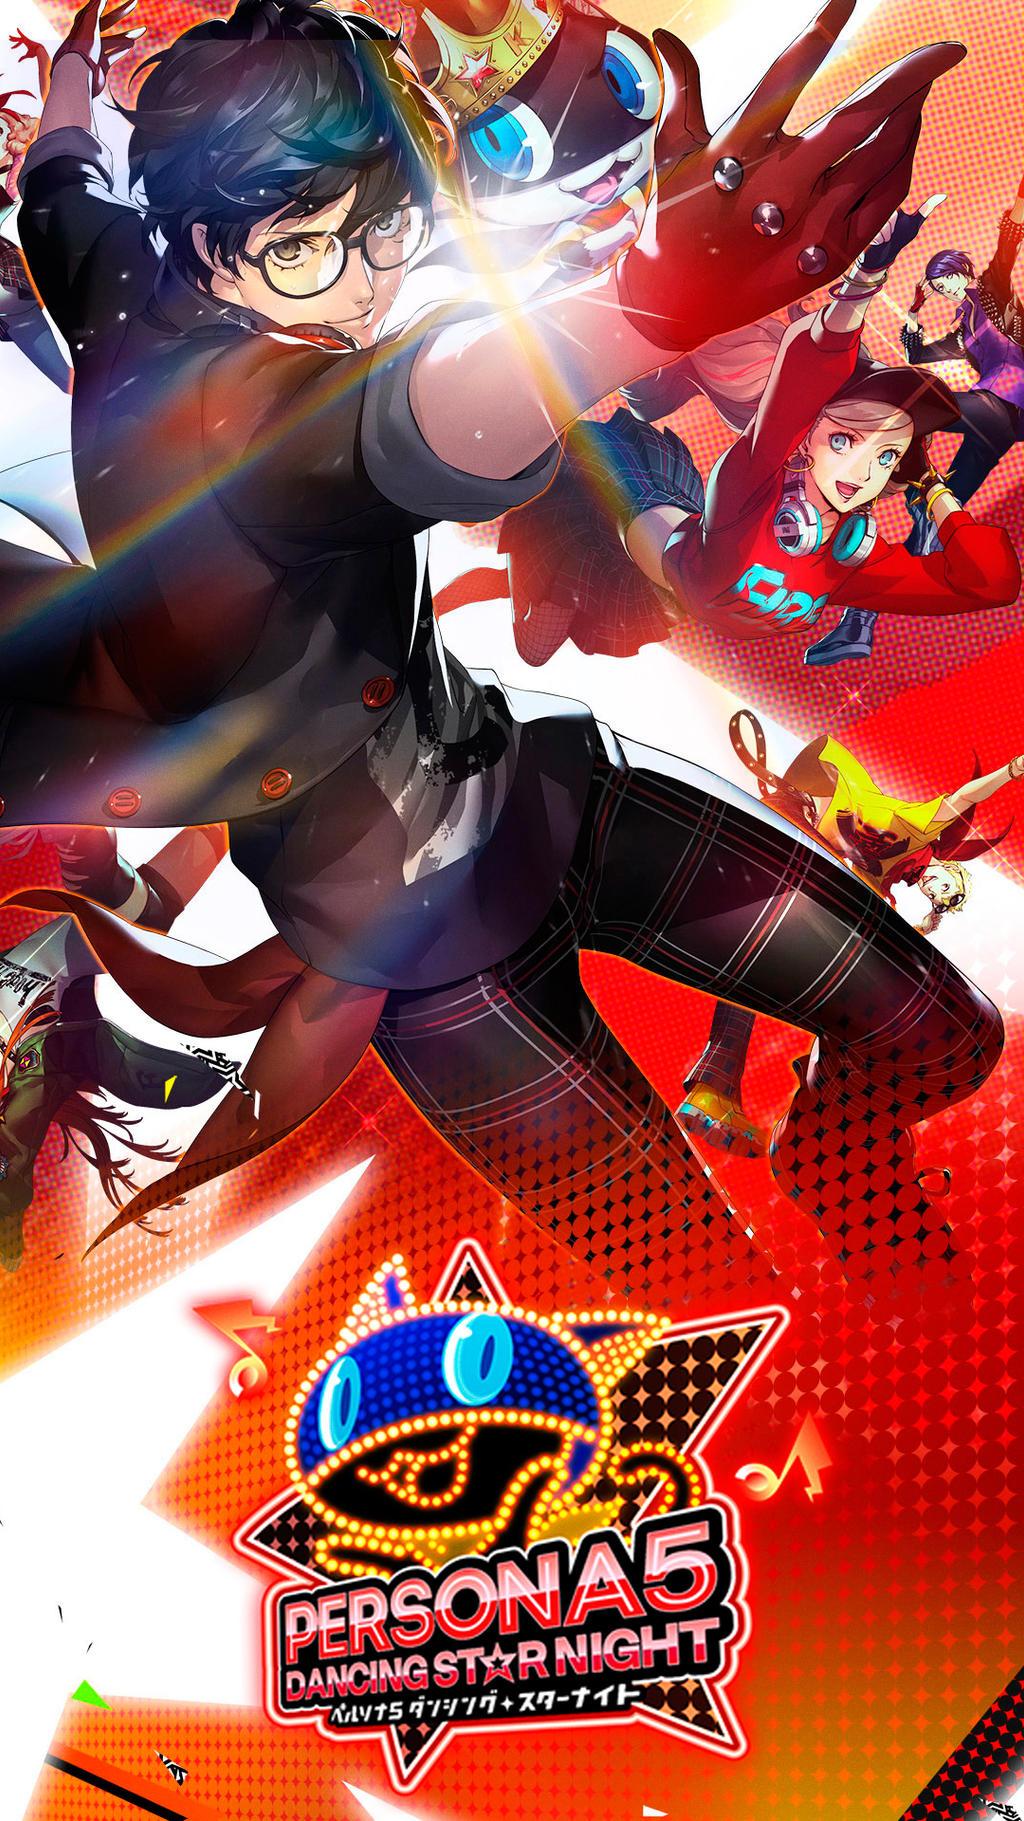 Persona 5 Dancing Star Night Wallpaper By De Monvarela On Deviantart